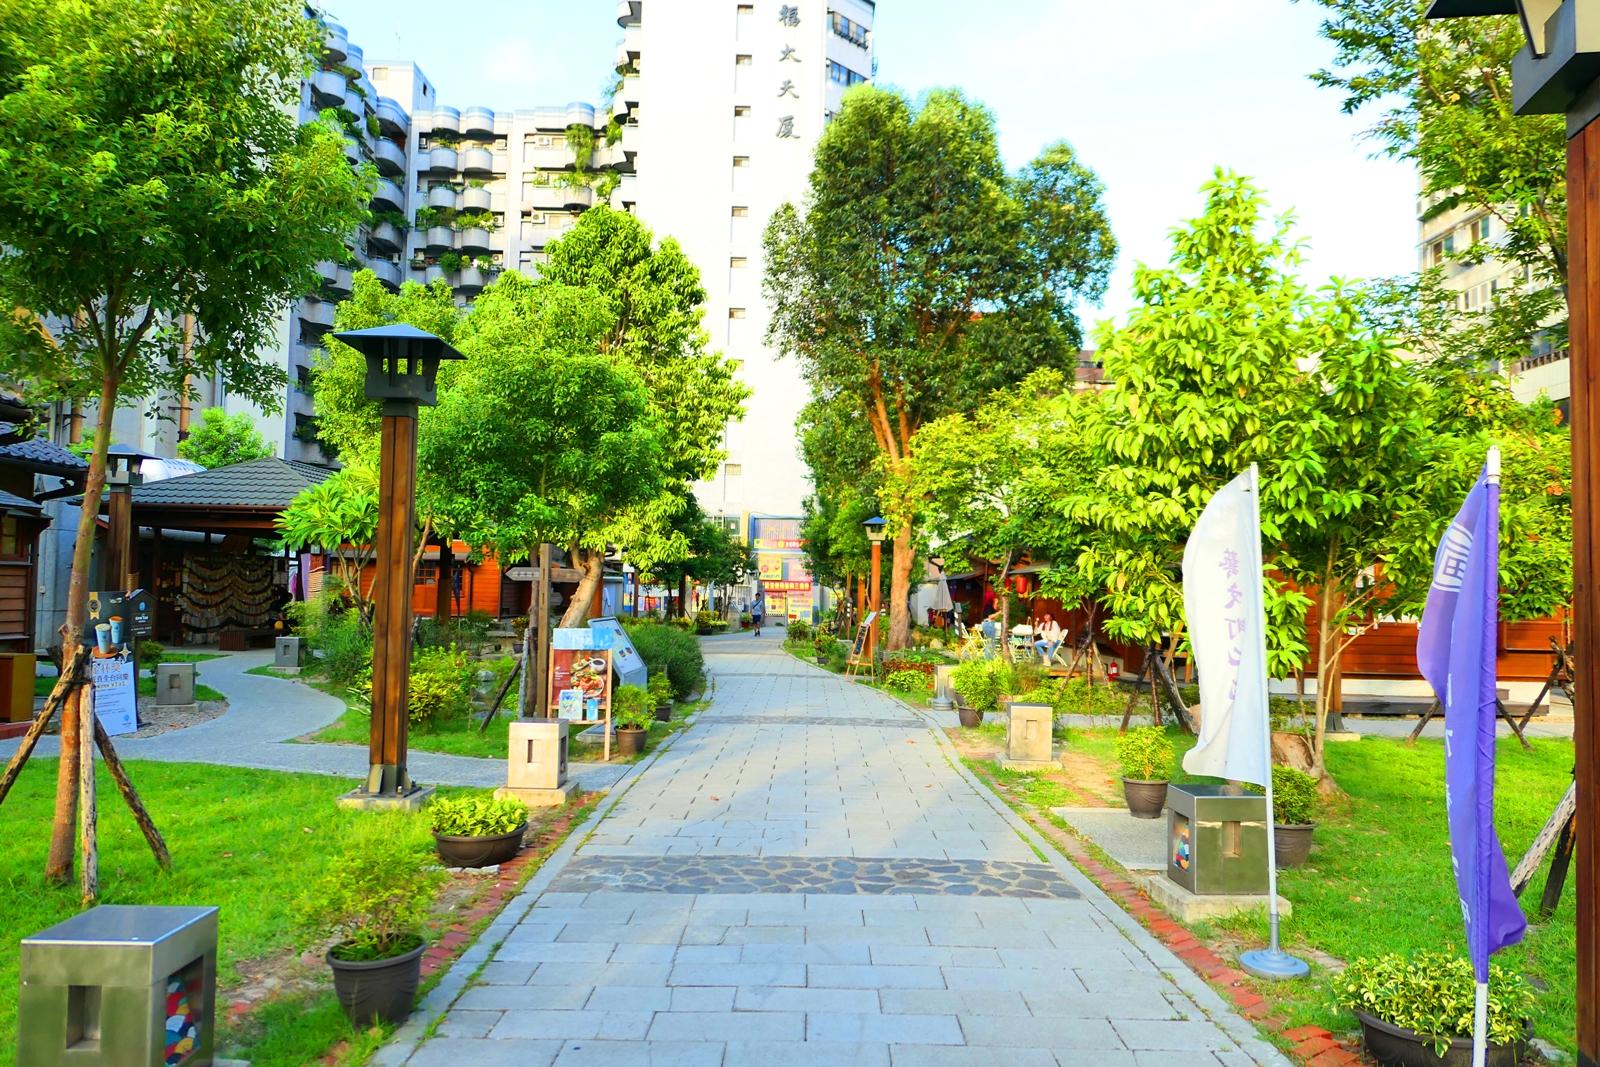 桃園77藝文町 | Taoyuan 77 Art Zone | 桃園 | 和風臺灣 | Japanese Style In Taiwan | 巡日旅行攝